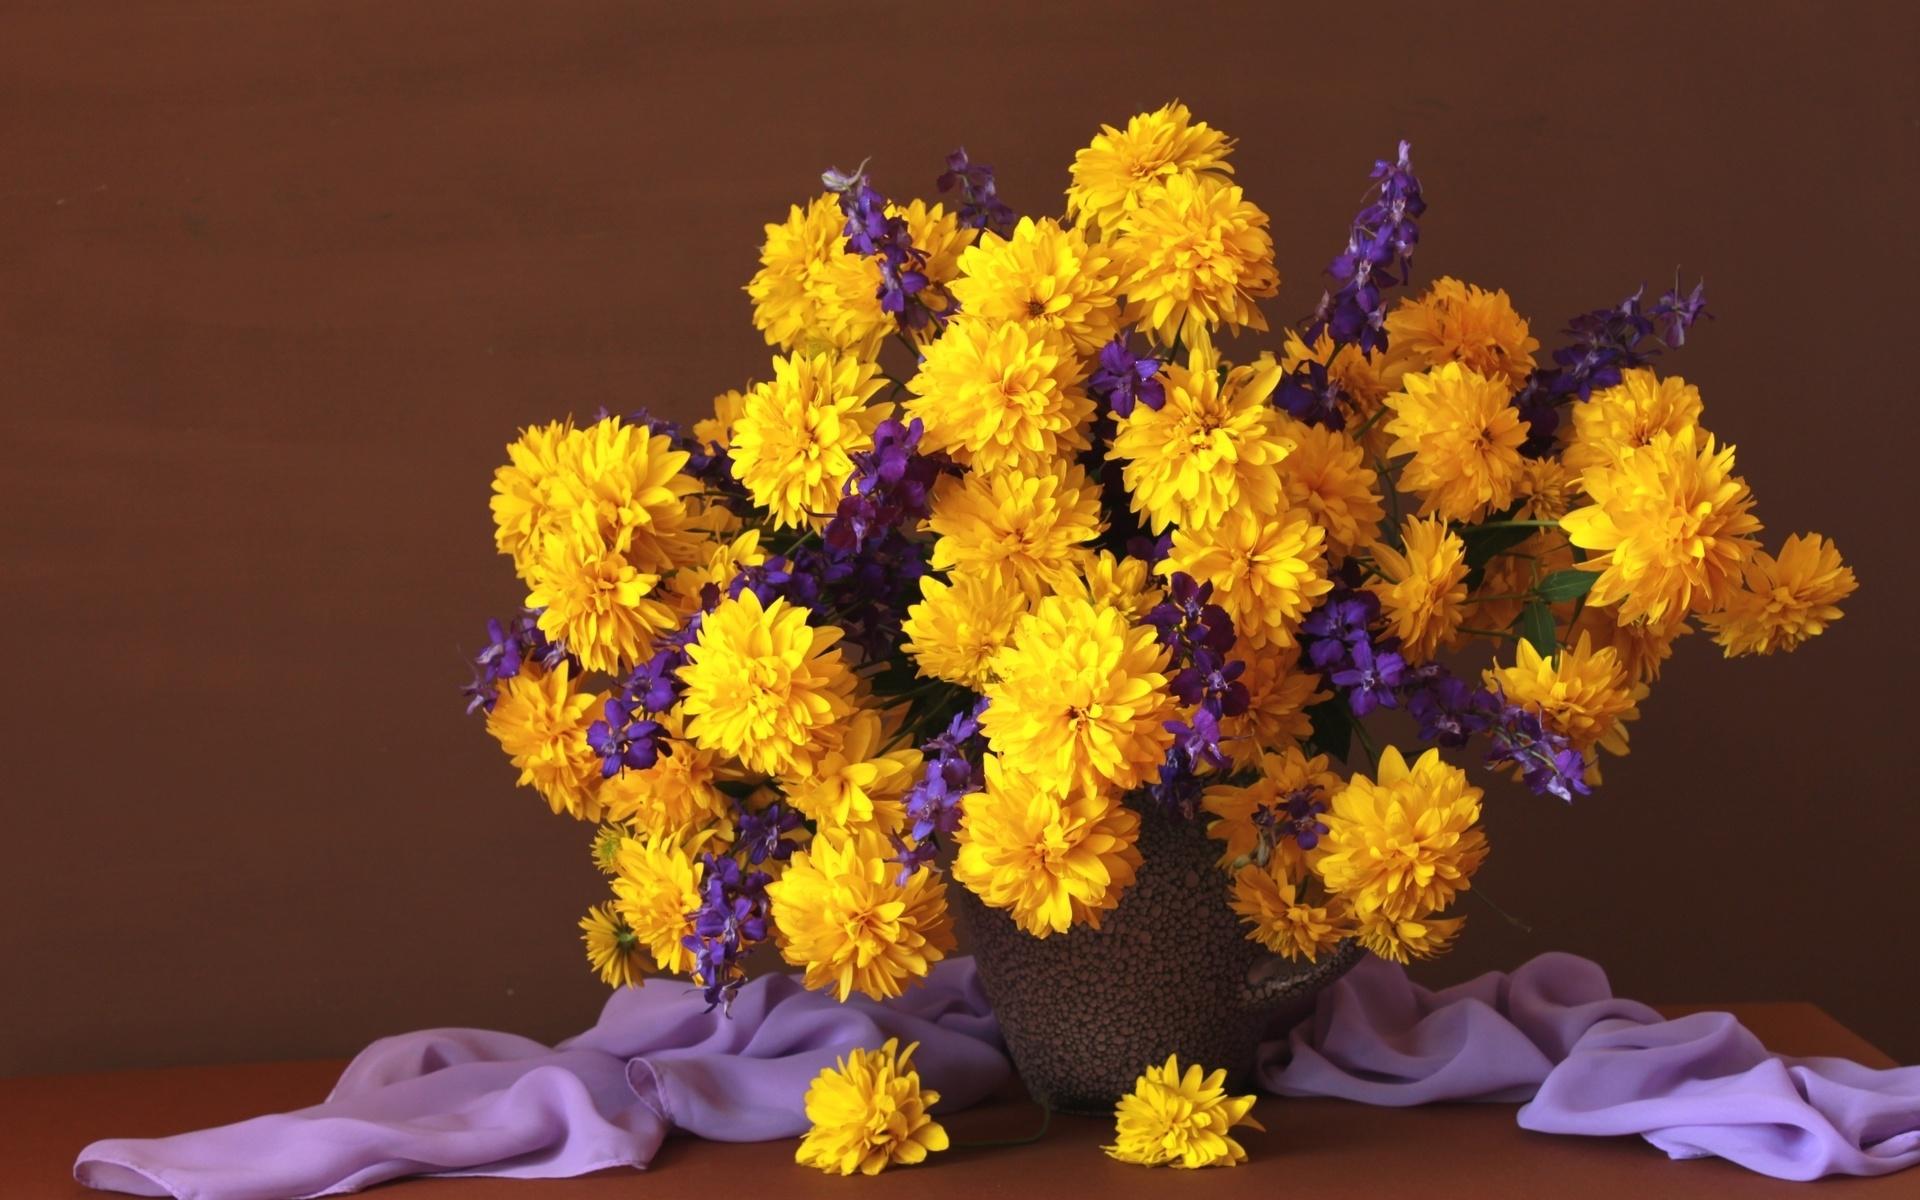 картинки цветы золотые шары на рабочий стол автобусное сообщение